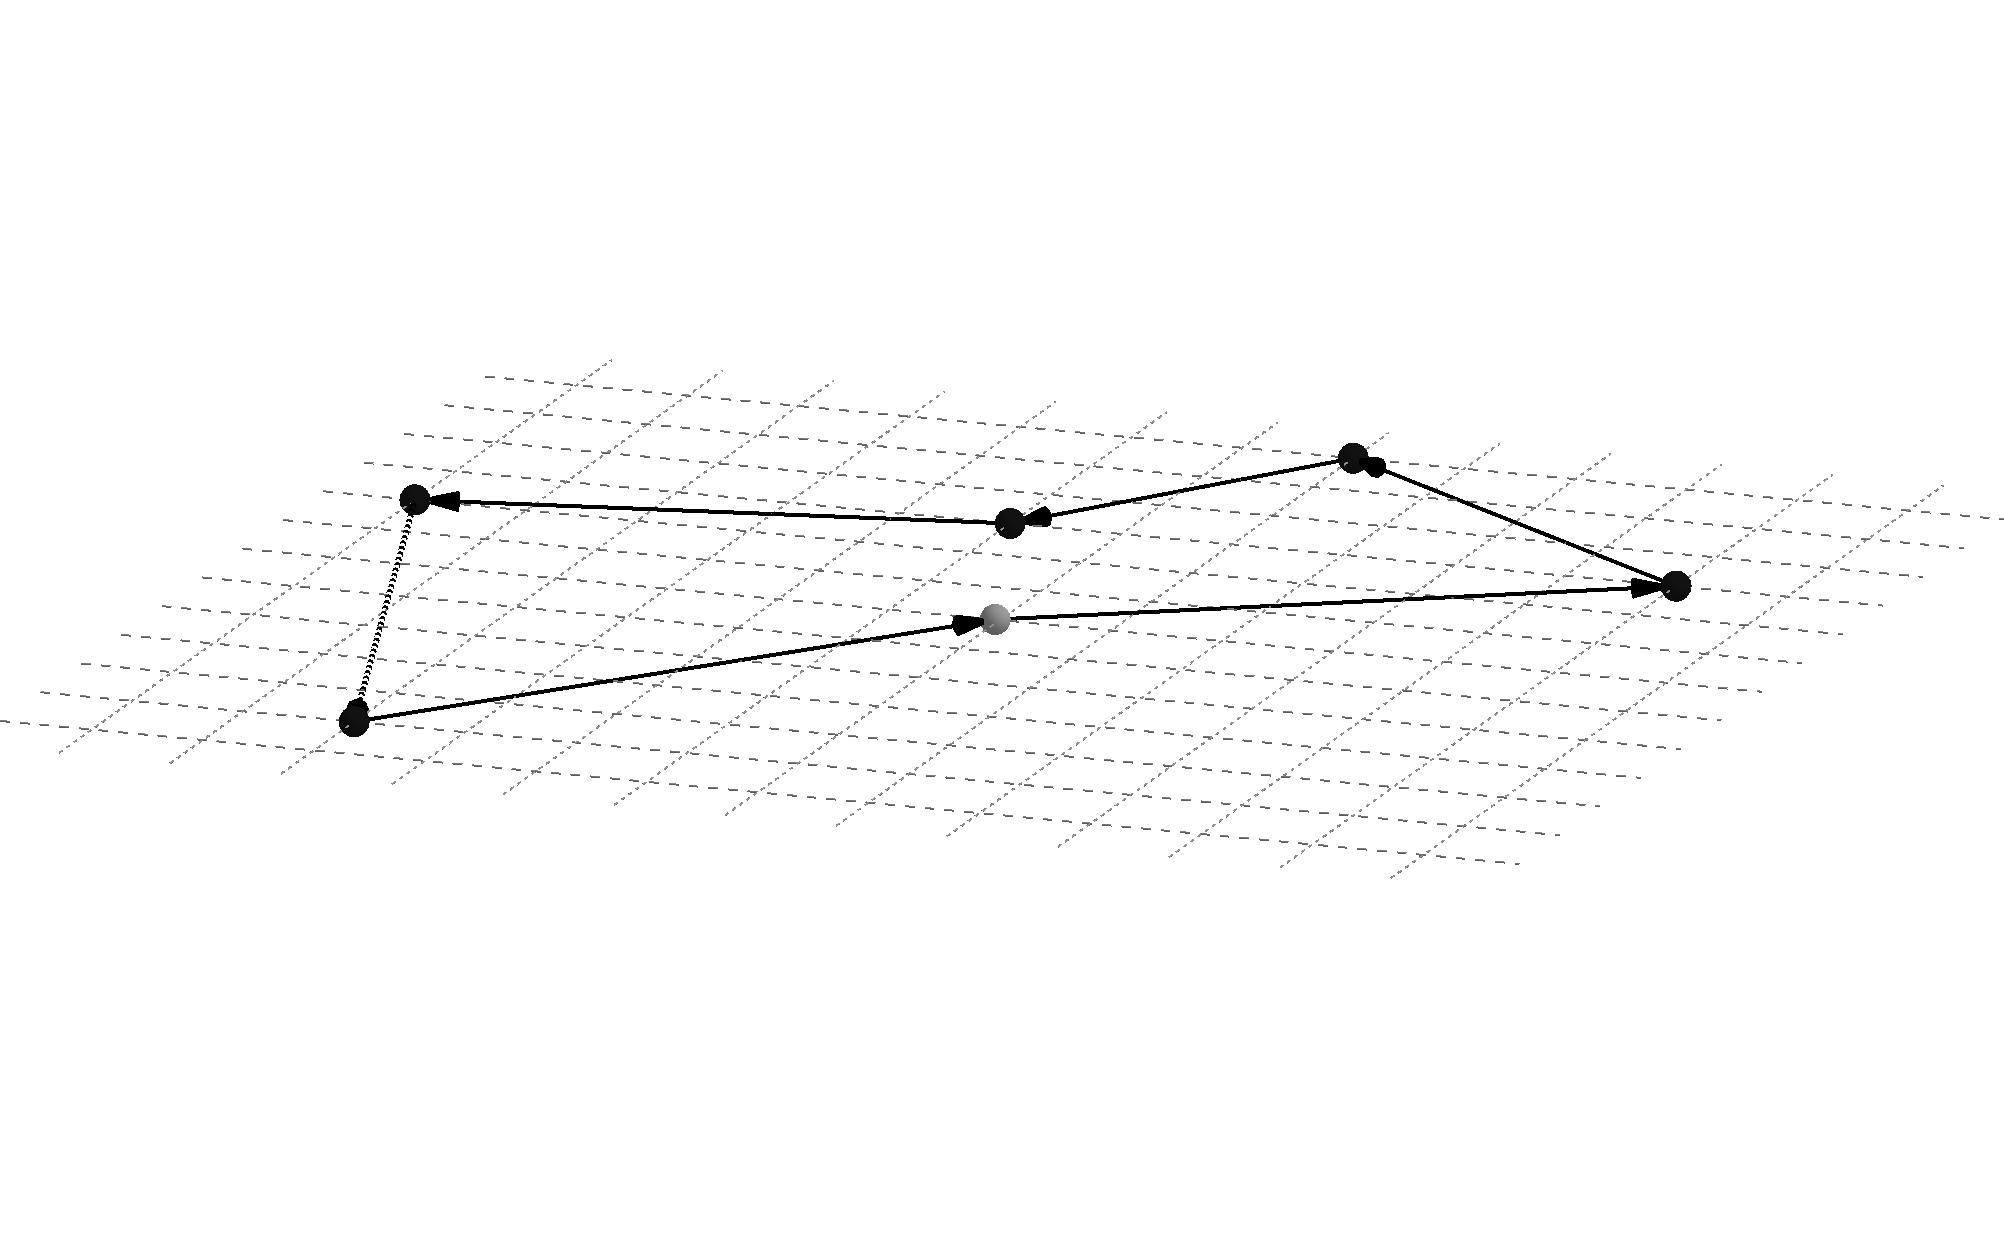 Imagen de un espacio geométrico inspirado en la constelación de Orión.